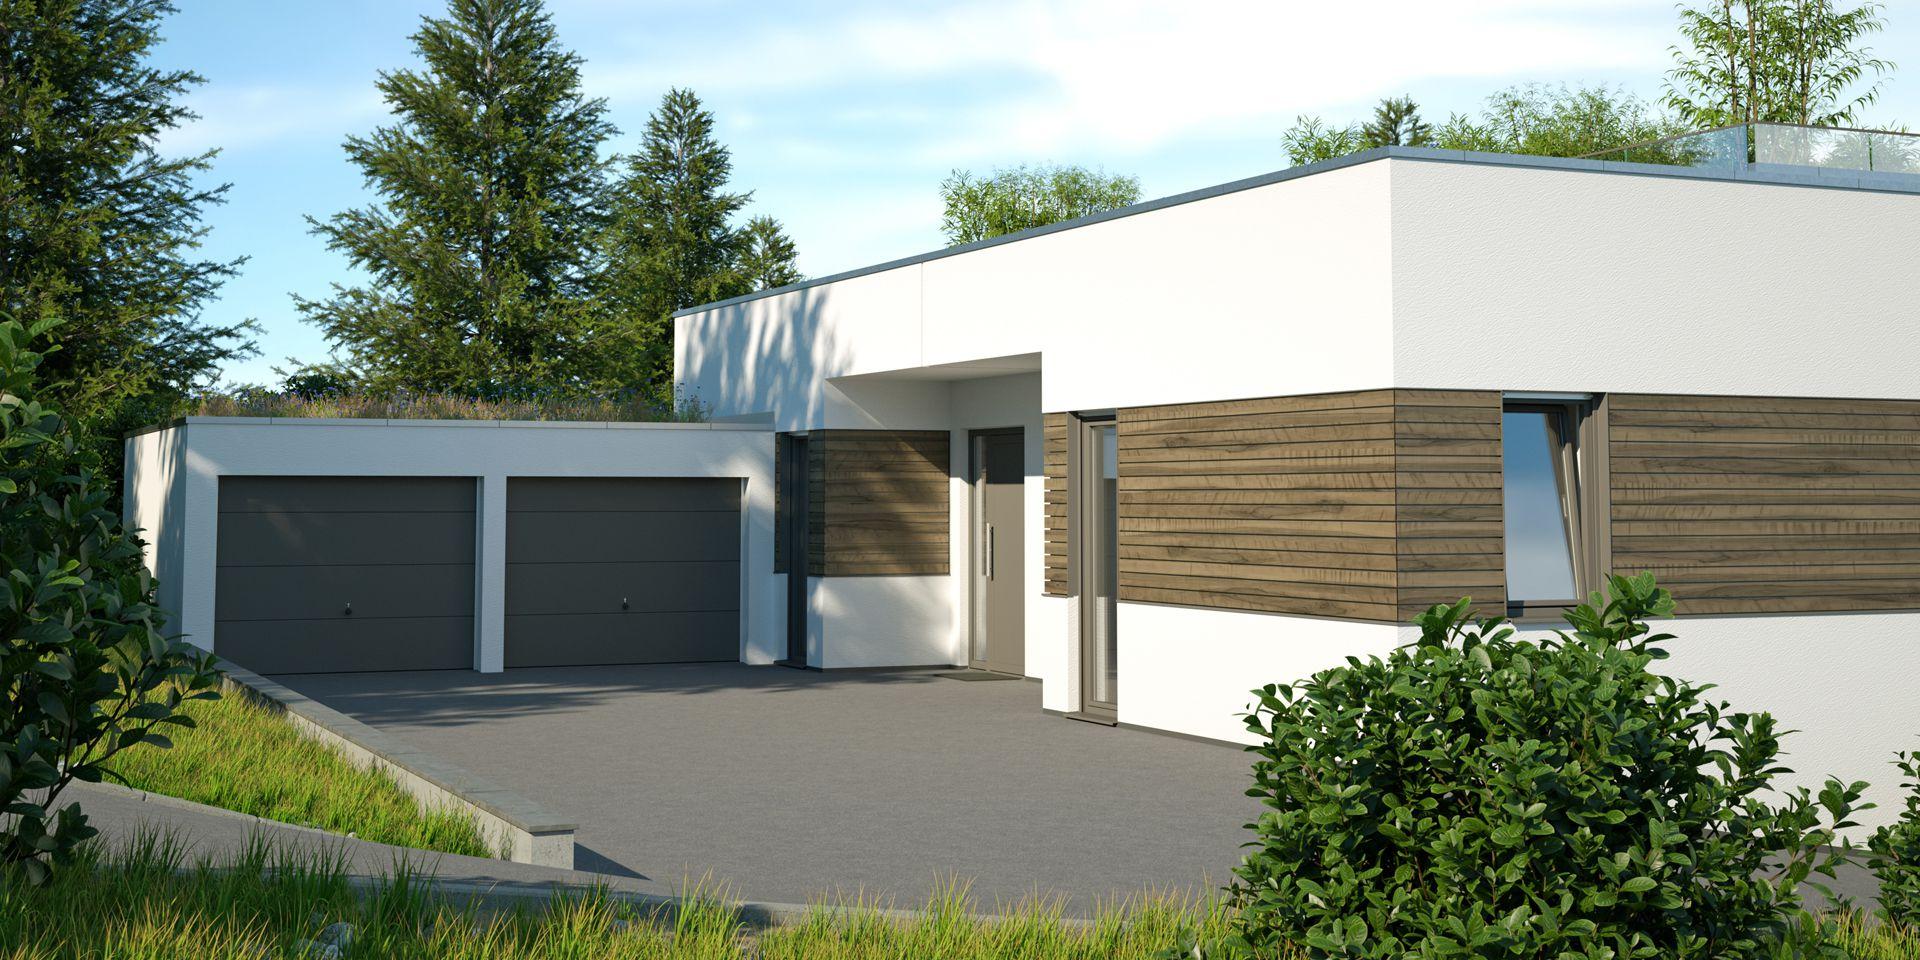 Visualisierung Doppelhaus - Plankosmos 3D Architekturvisualisierung